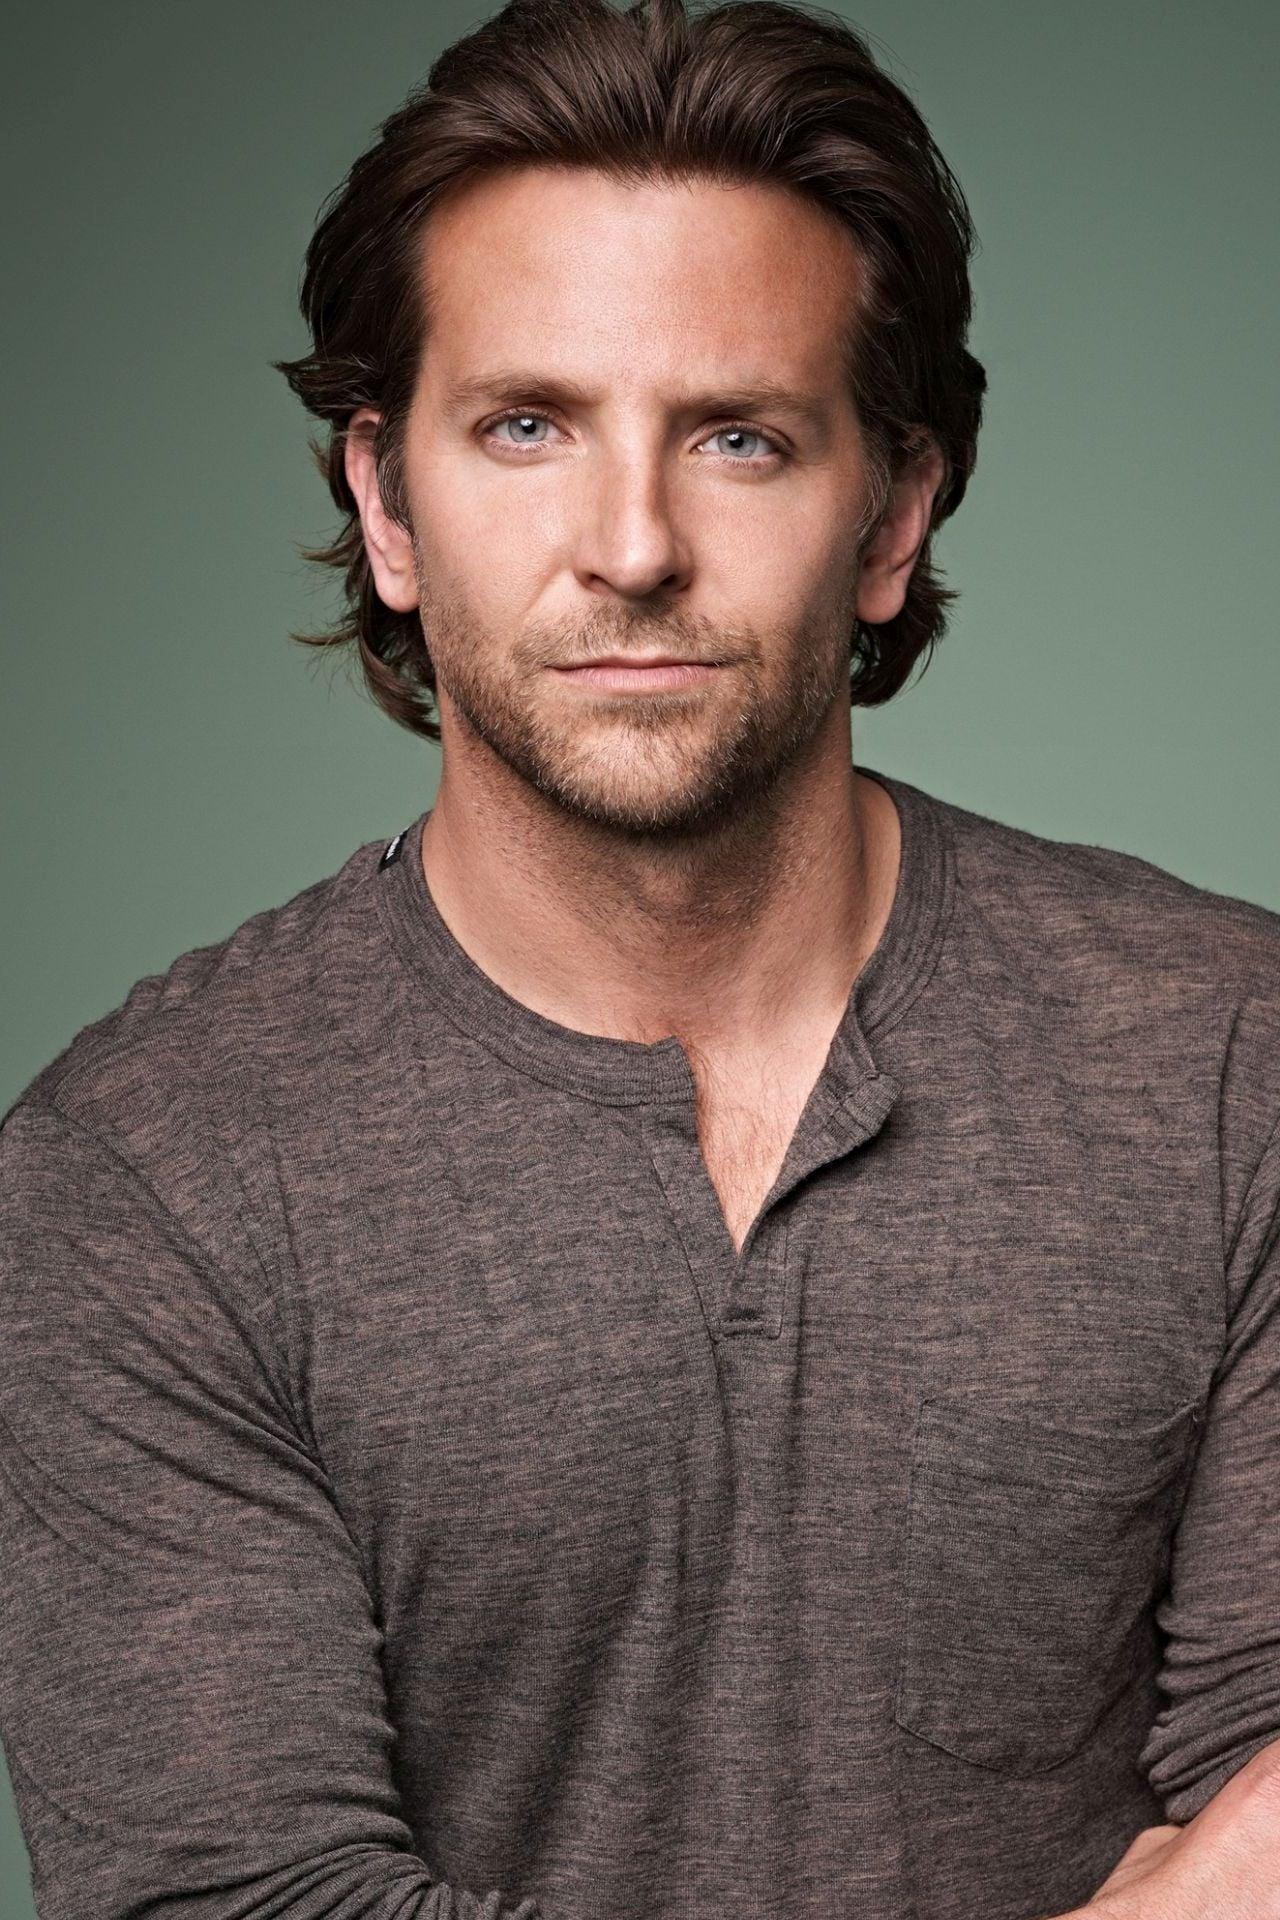 Regarder Bradley Cooper Film en streaming - Film en Streaming